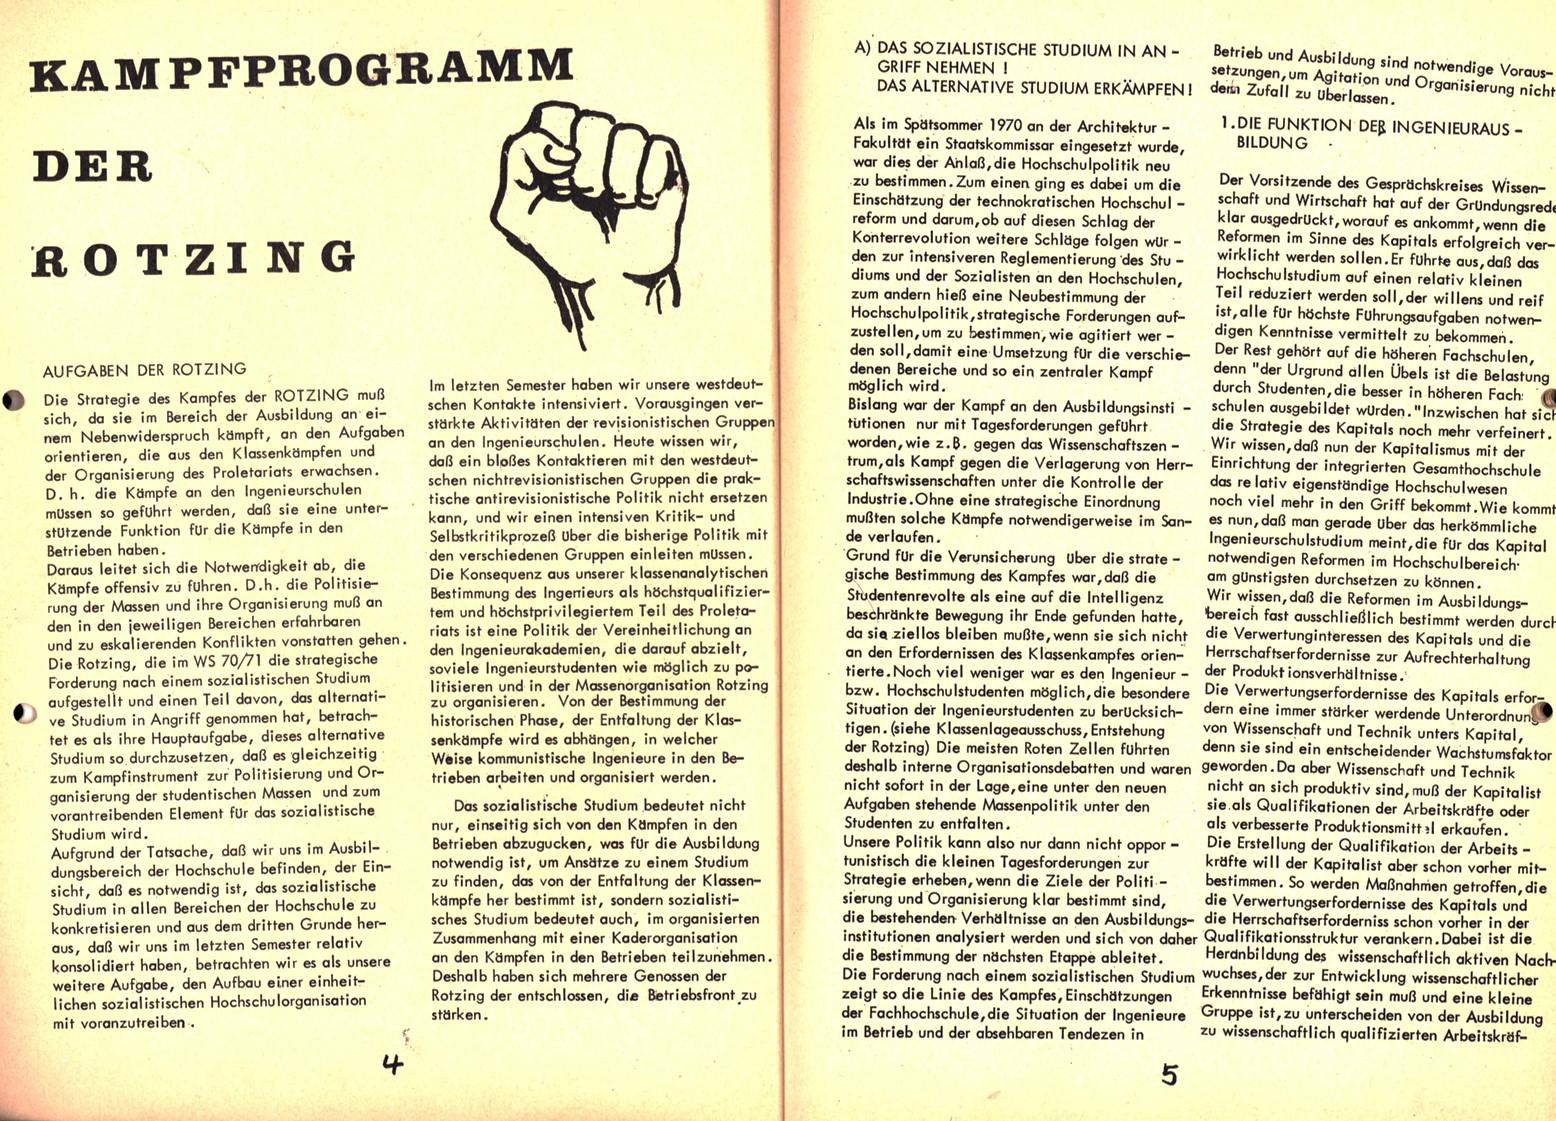 Berlin_Rotzing_1971_Kampfbericht_03